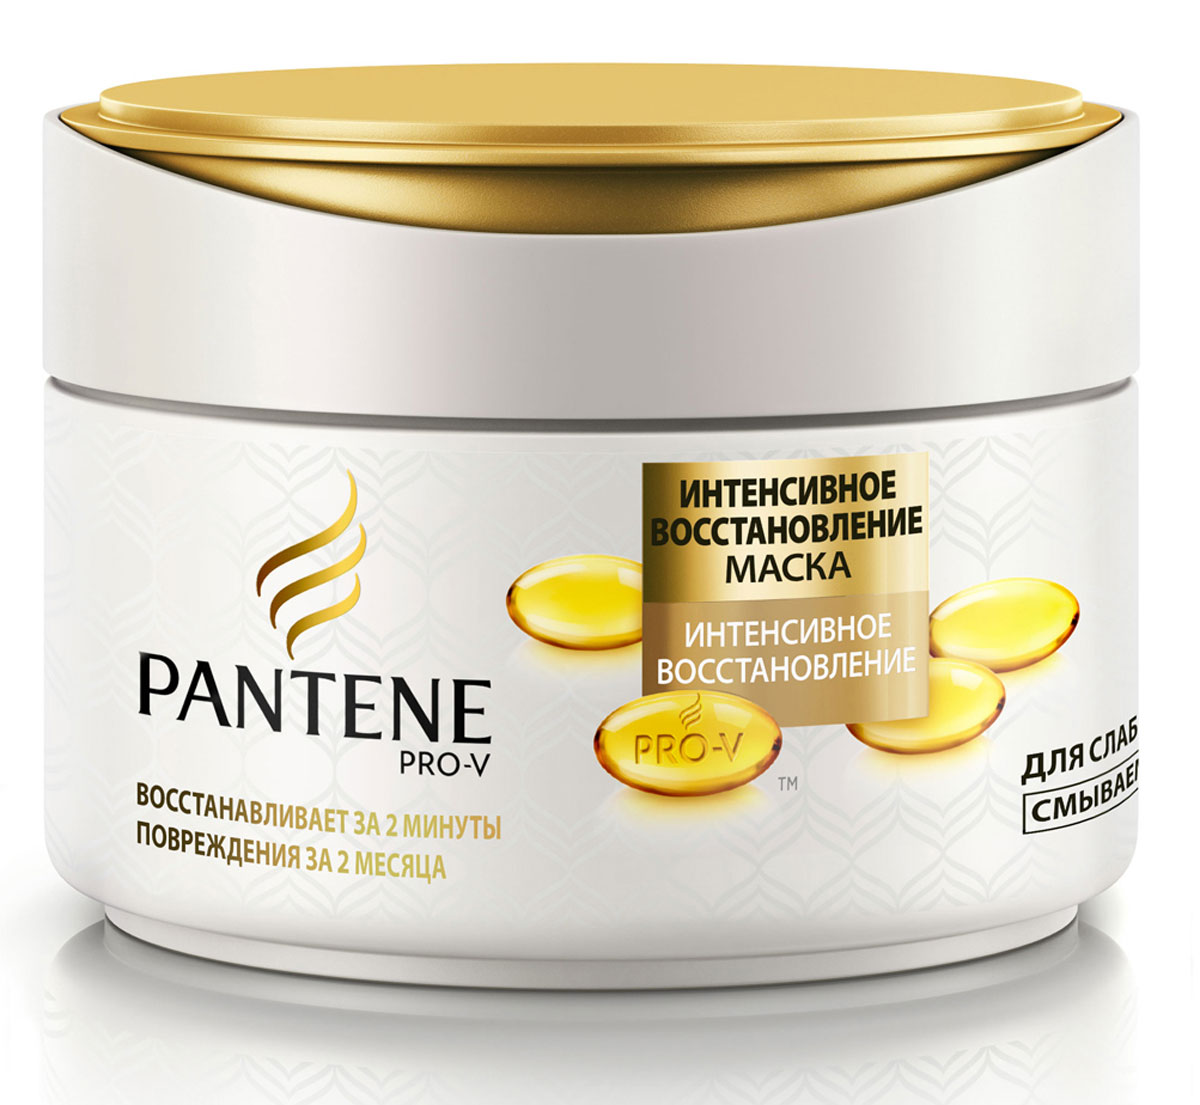 Pantene Pro-V Маска для волос Интенсивное восстановление, 200 мл81570280Маска для волос Pantene Pro-V Маска для волос Интенсивное восстановление - это питательная коллекция с активными частицами ухаживает за волосами,обеспечиваяинтенсивное восстановление и придавая волосам здоровый вид и блеск.